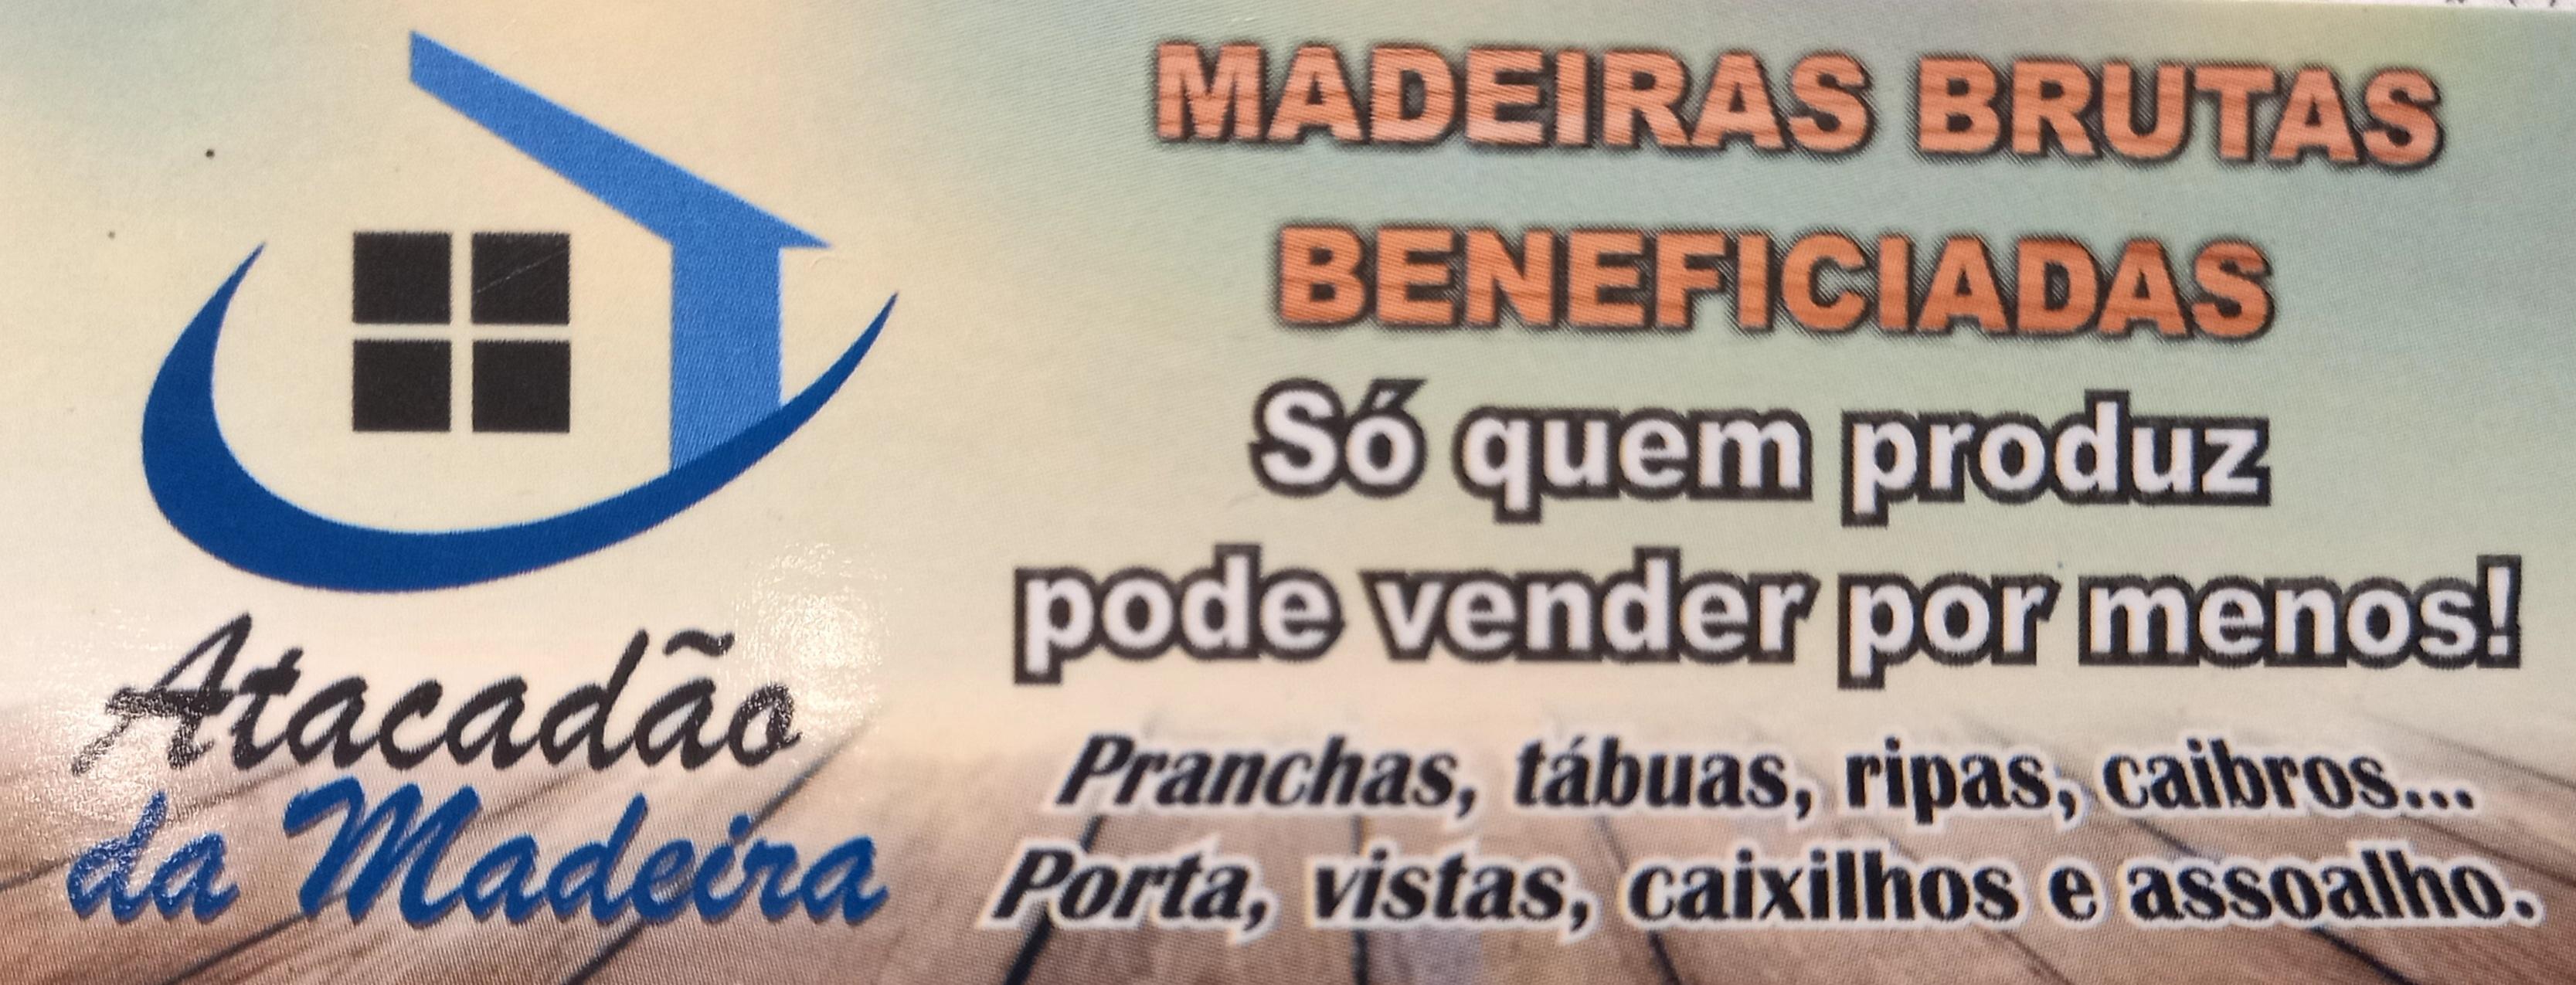 ATACADÃO DA MADEIRA